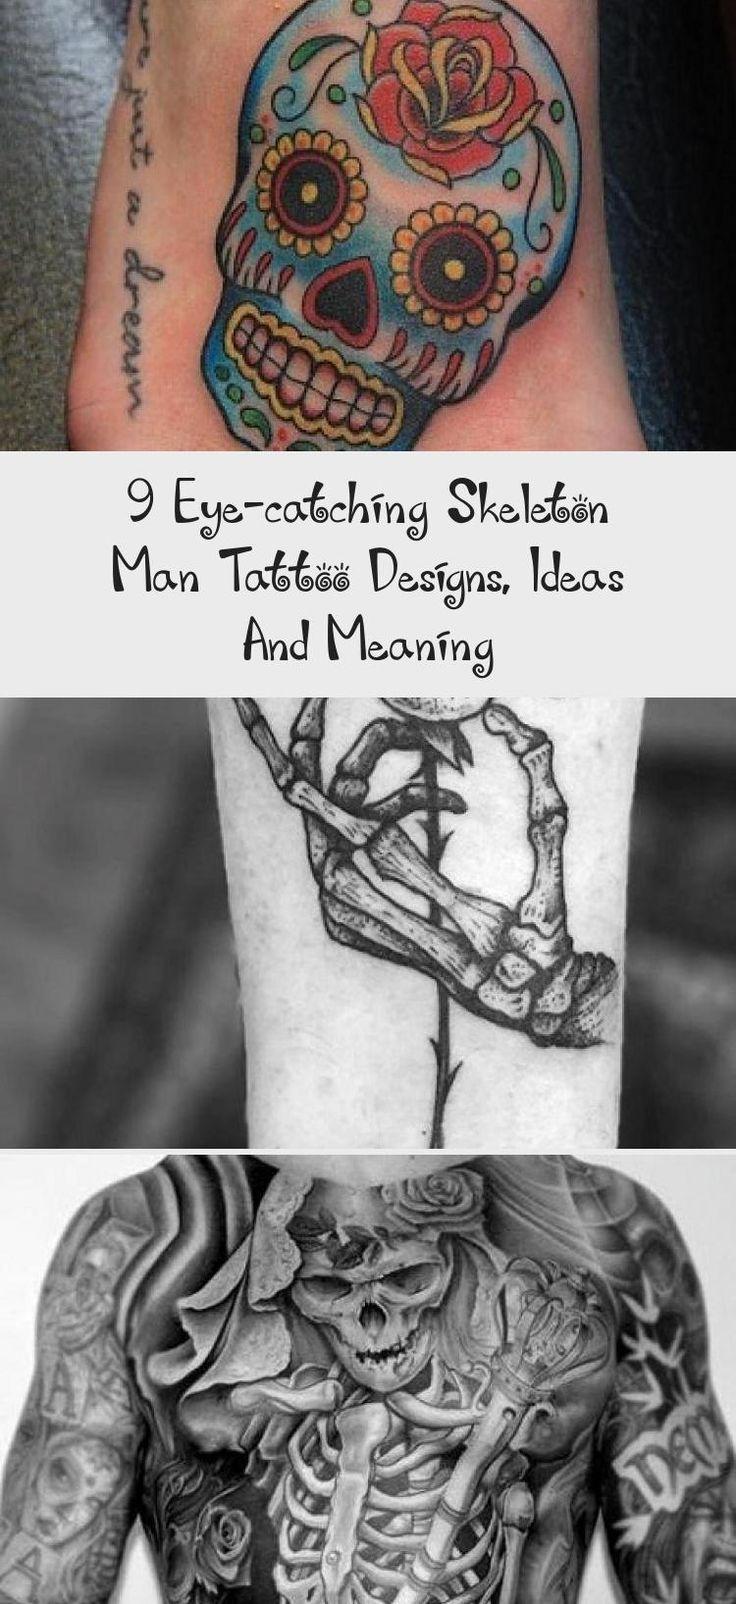 9 EyeCatching Skeleton Man Tattoo Designs, Ideas And